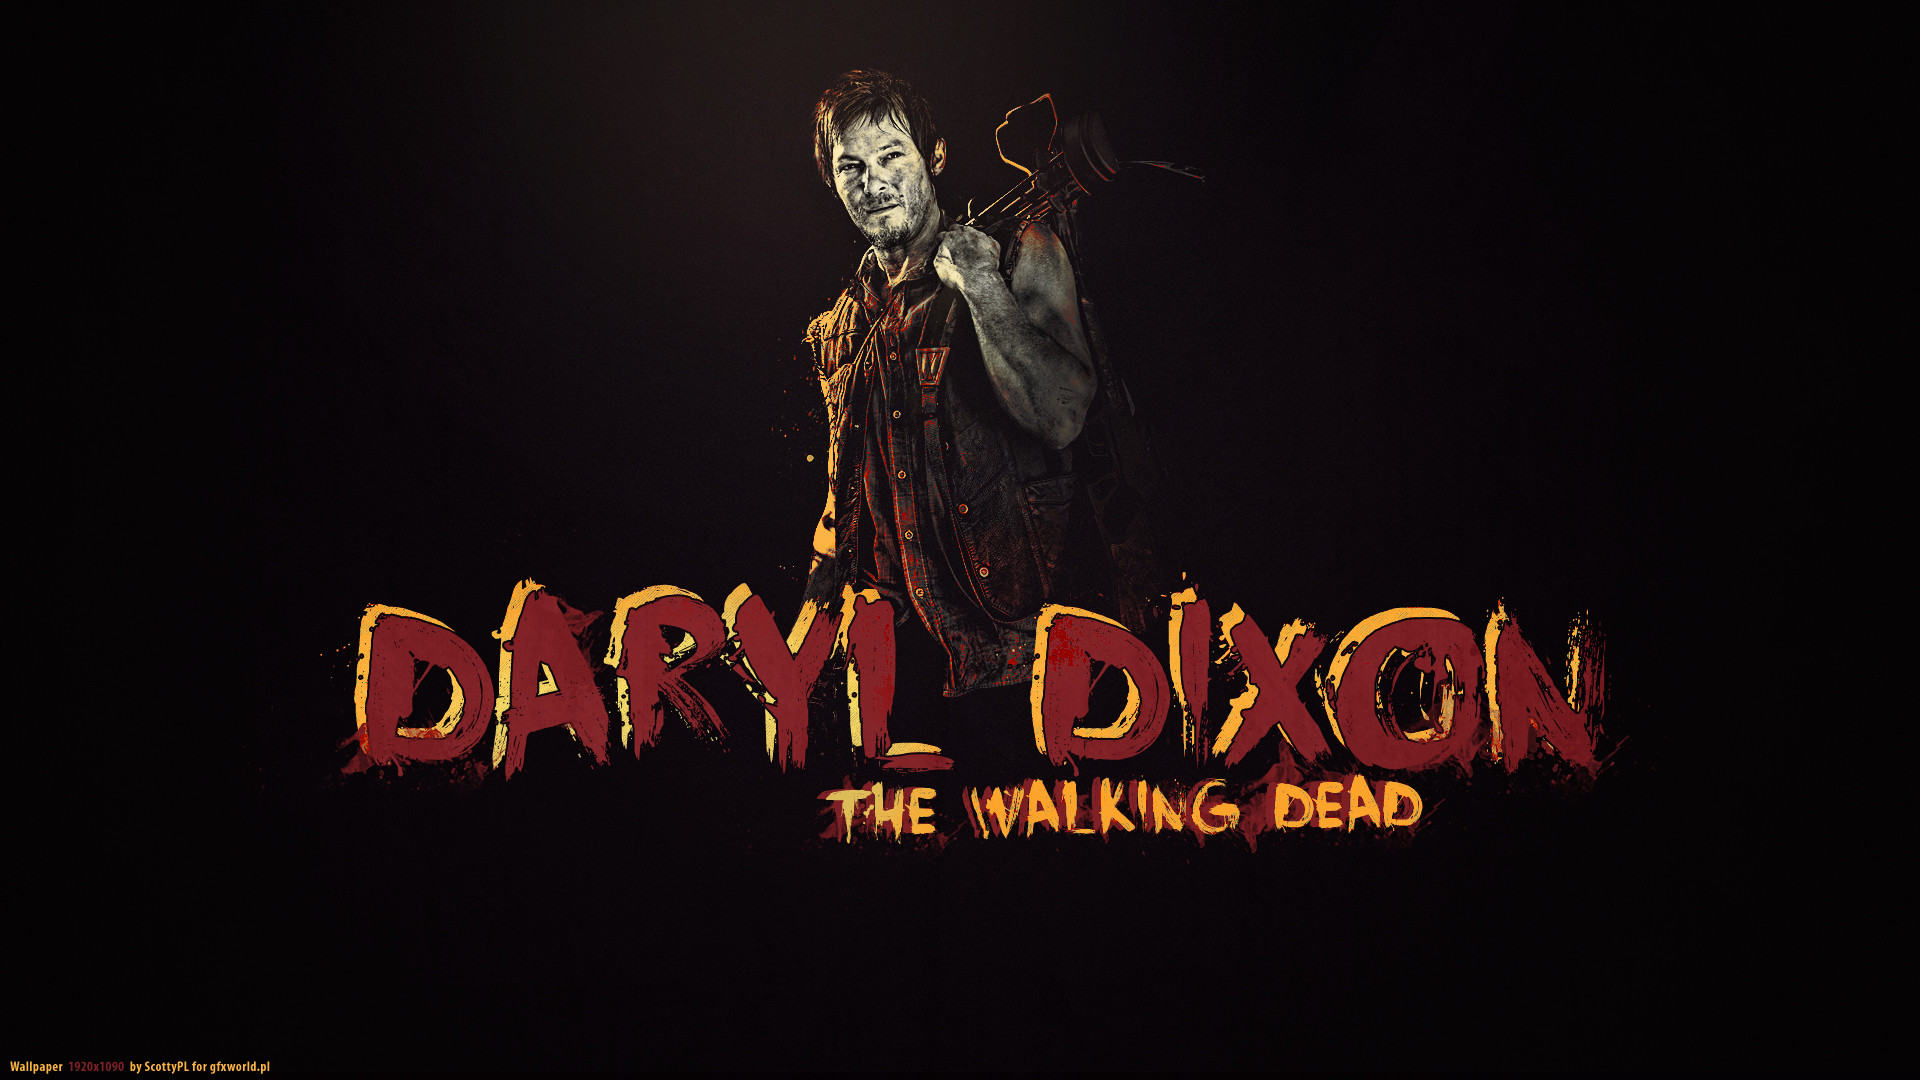 Walking Dead Daryl Wallpaper | … Dead Daryl Dixon The Walking Dead Norman  Reedus